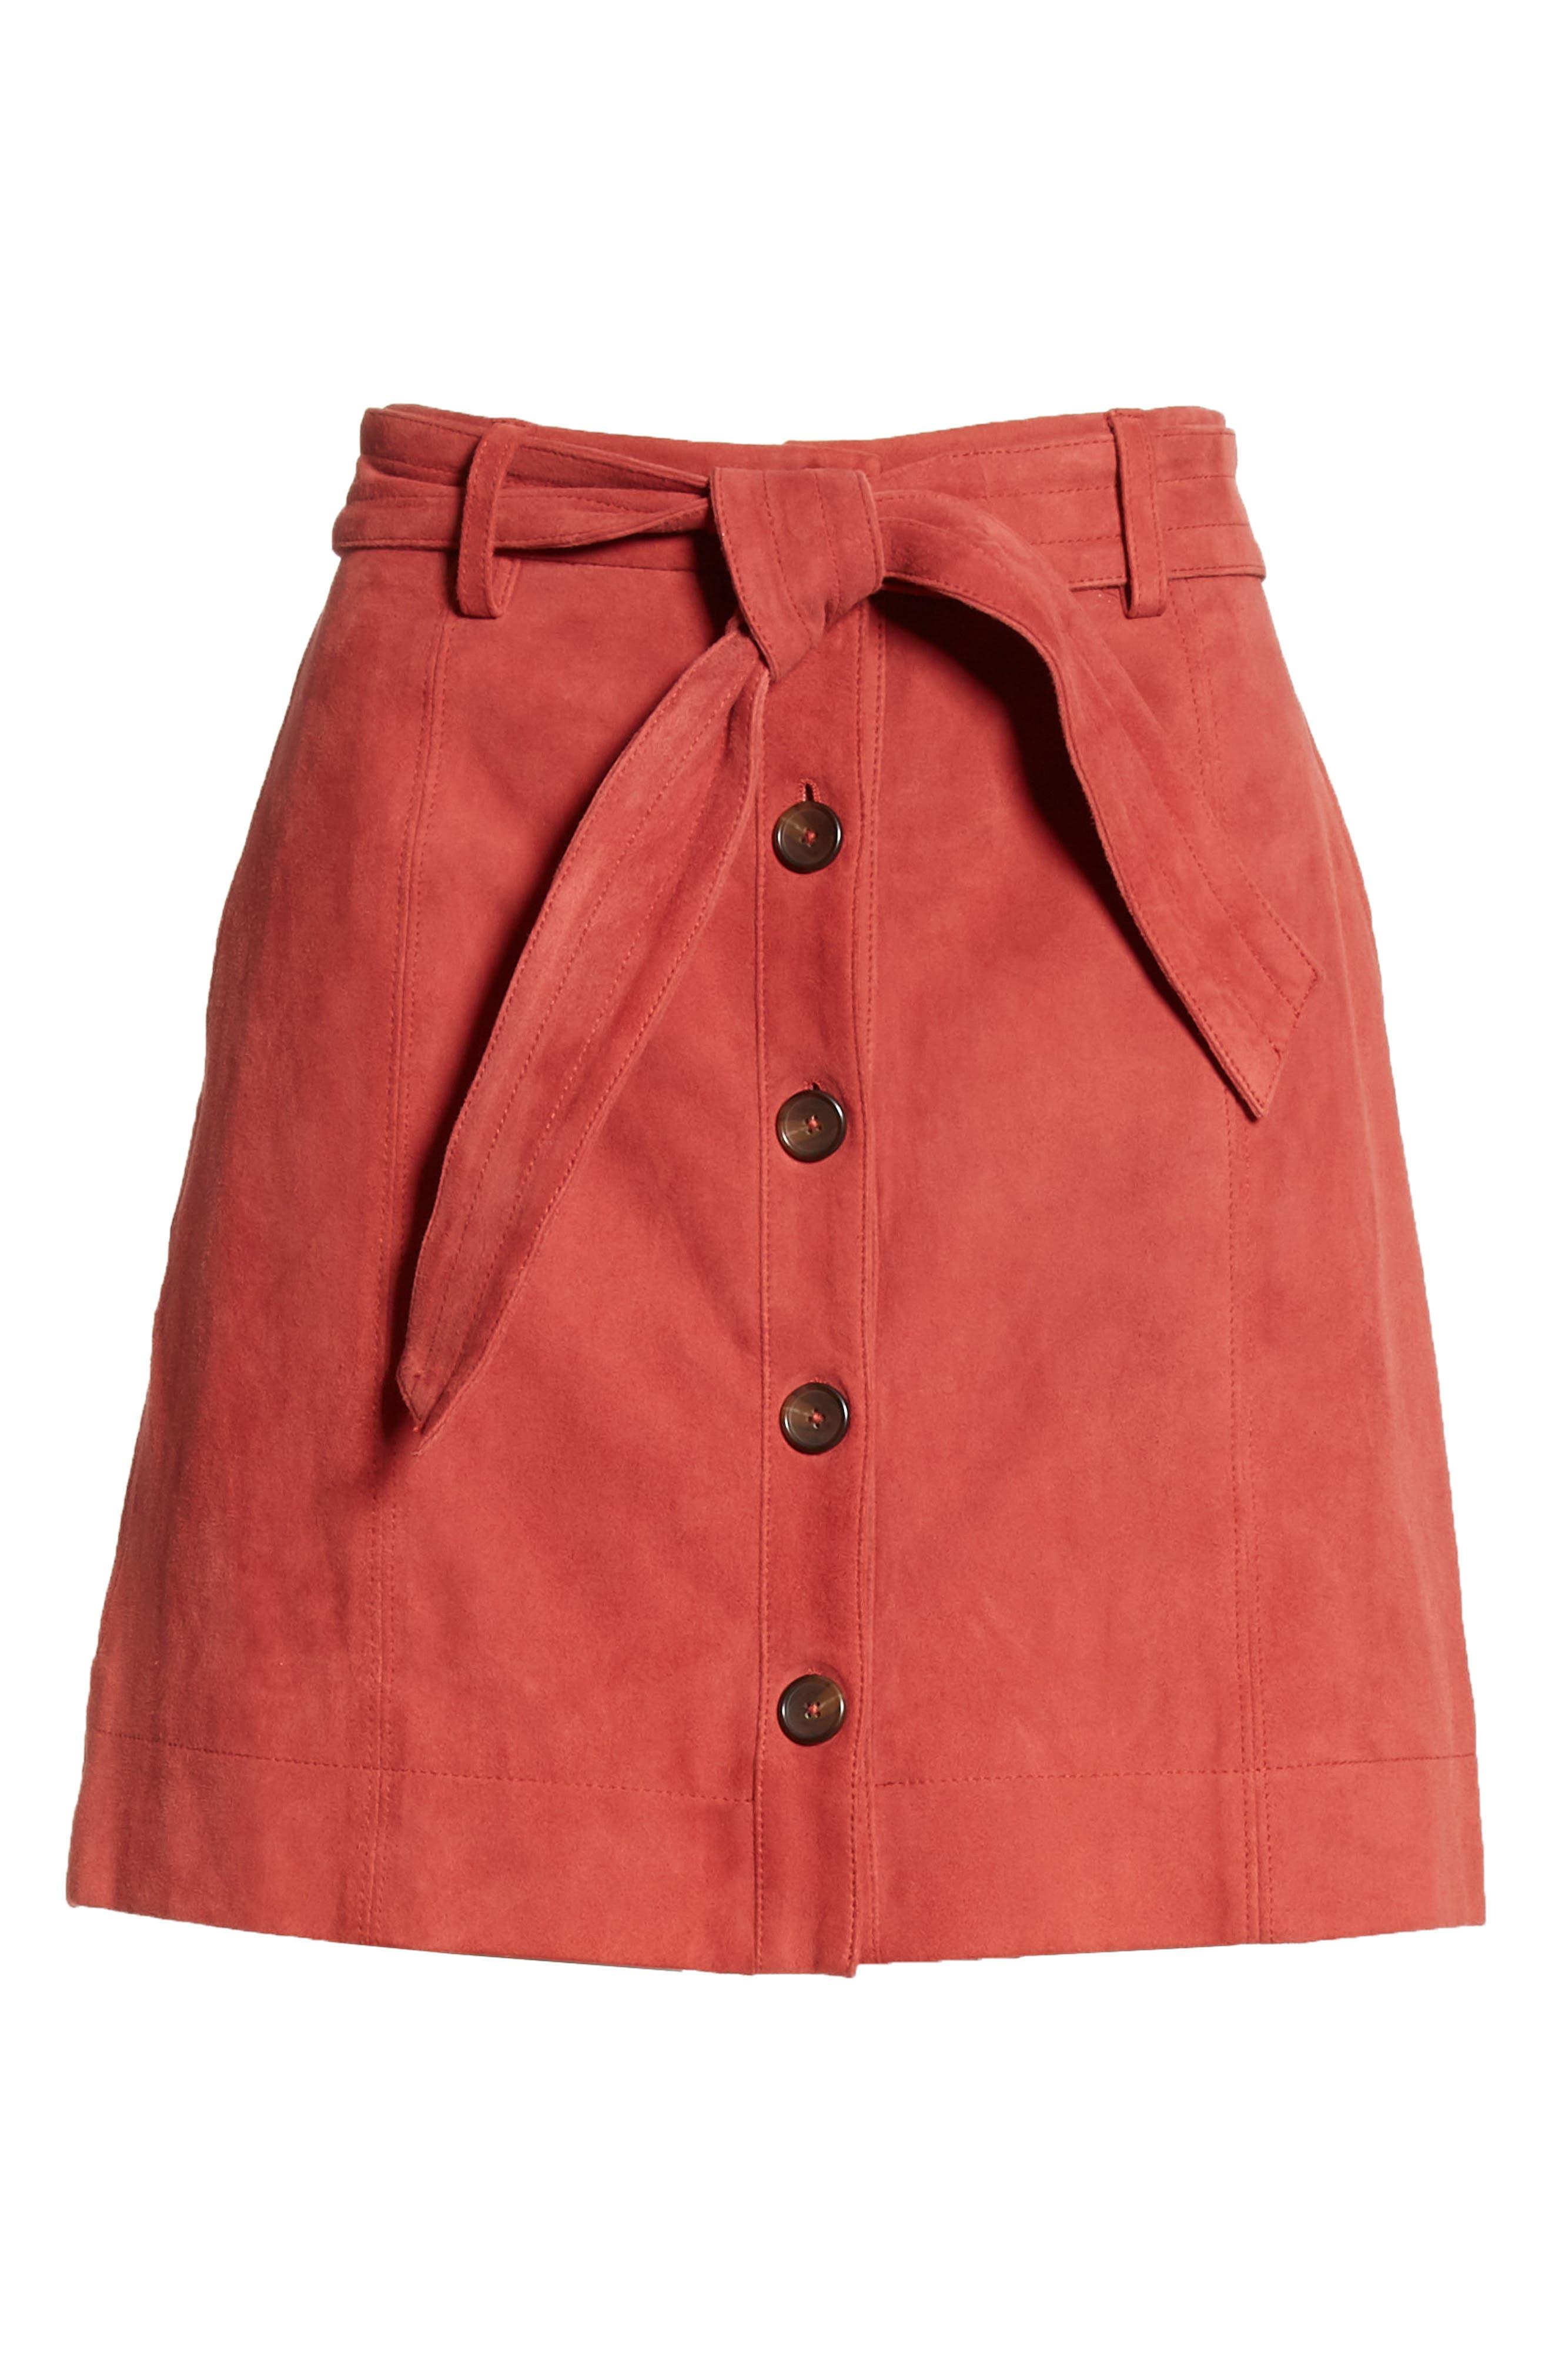 JOIE, Neida Suede Miniskirt, Alternate thumbnail 6, color, DESERT SPICE